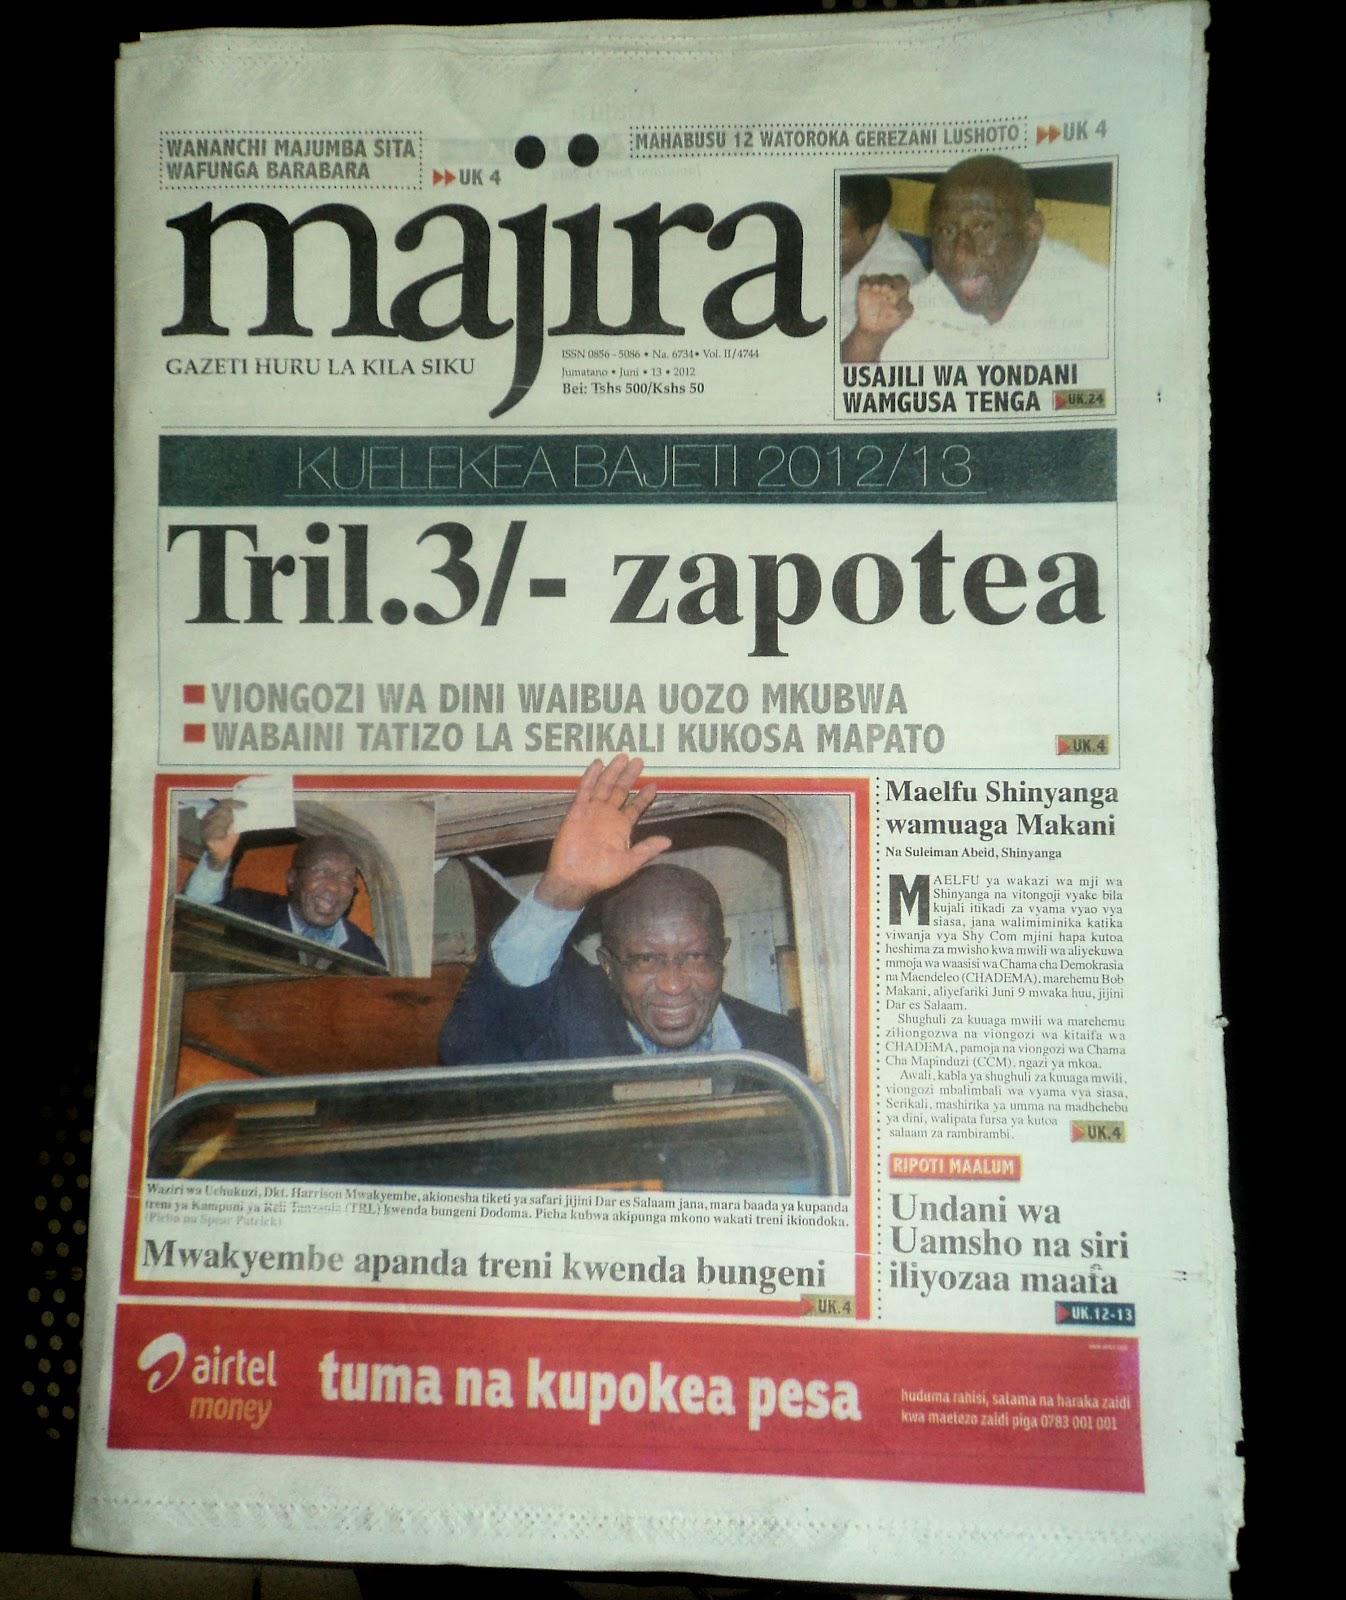 DELLA MEDIA PRODUCTION: MAGAZETI YA LEO MAJIRA,HABARI LEO NA NIPASHE